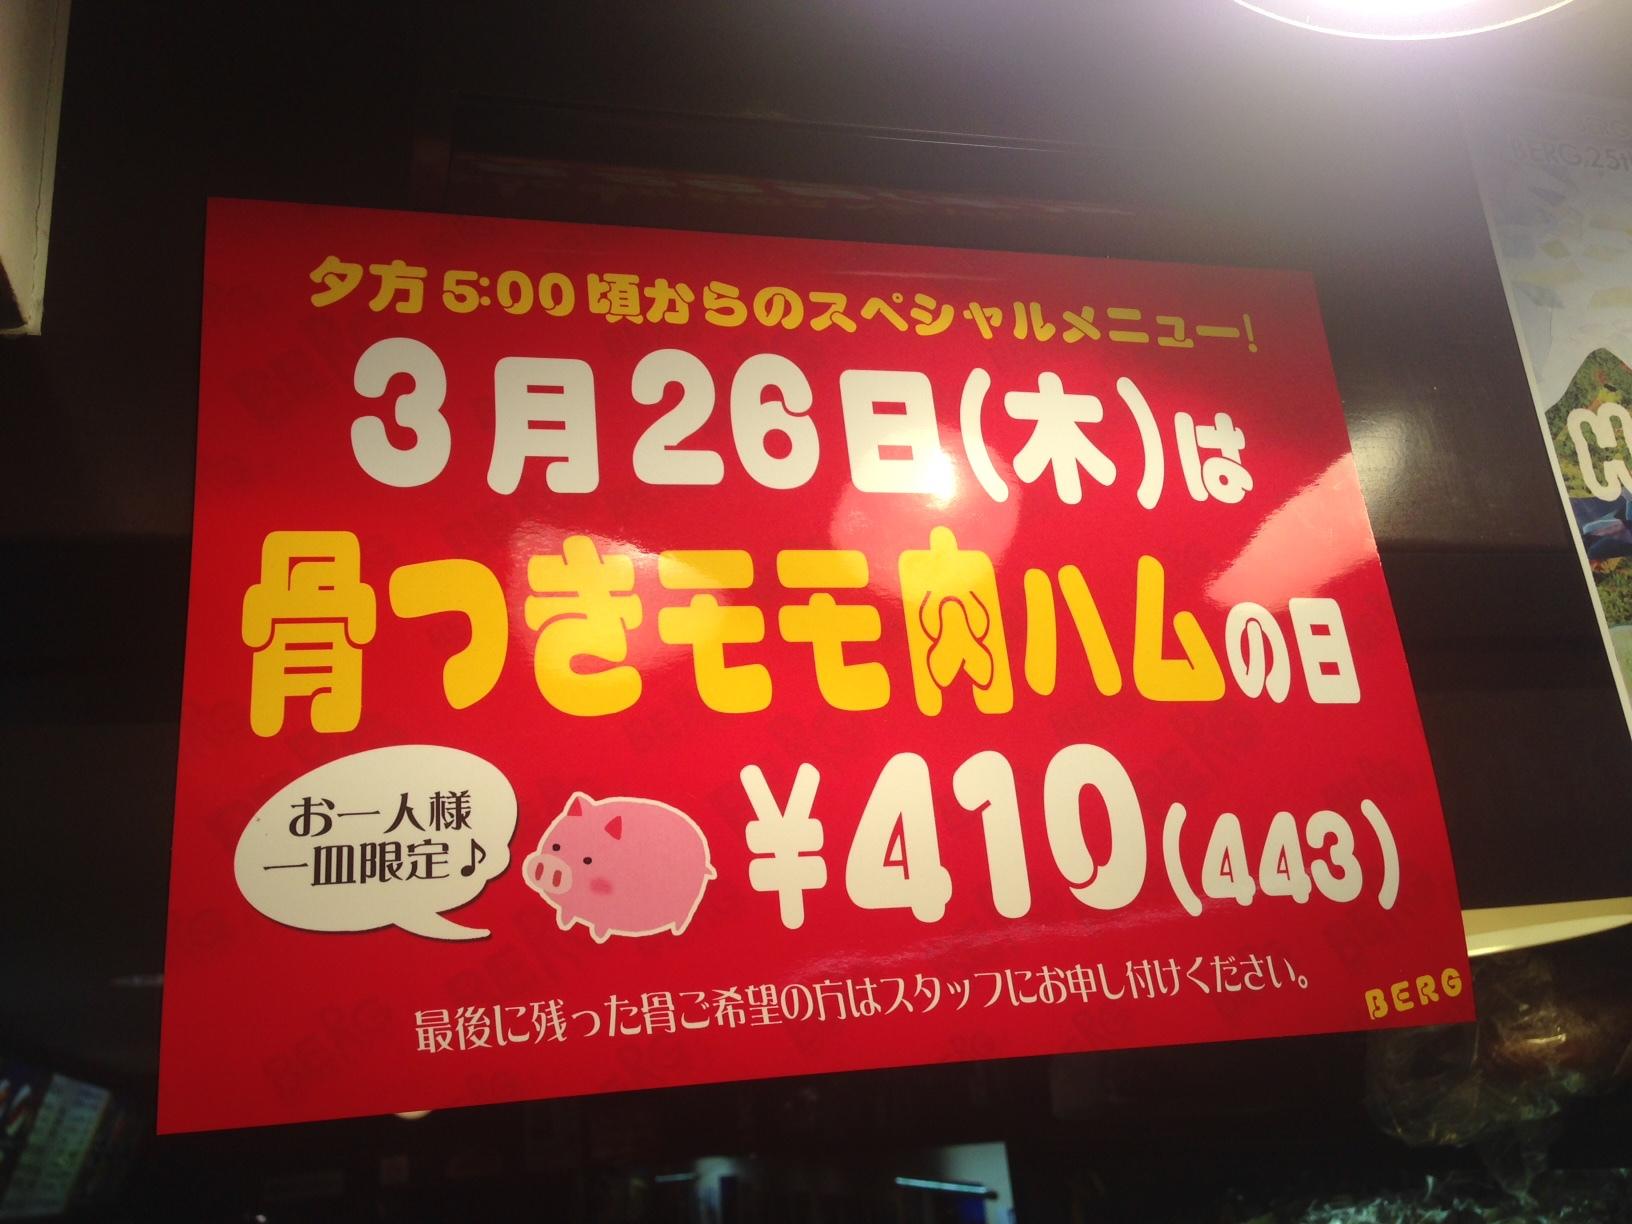 【明日ハムの日でっす!】17時からのスペシャルメニュー!食べたらめちゃ元気でますよっ^o^♪_c0069047_2053156.jpg